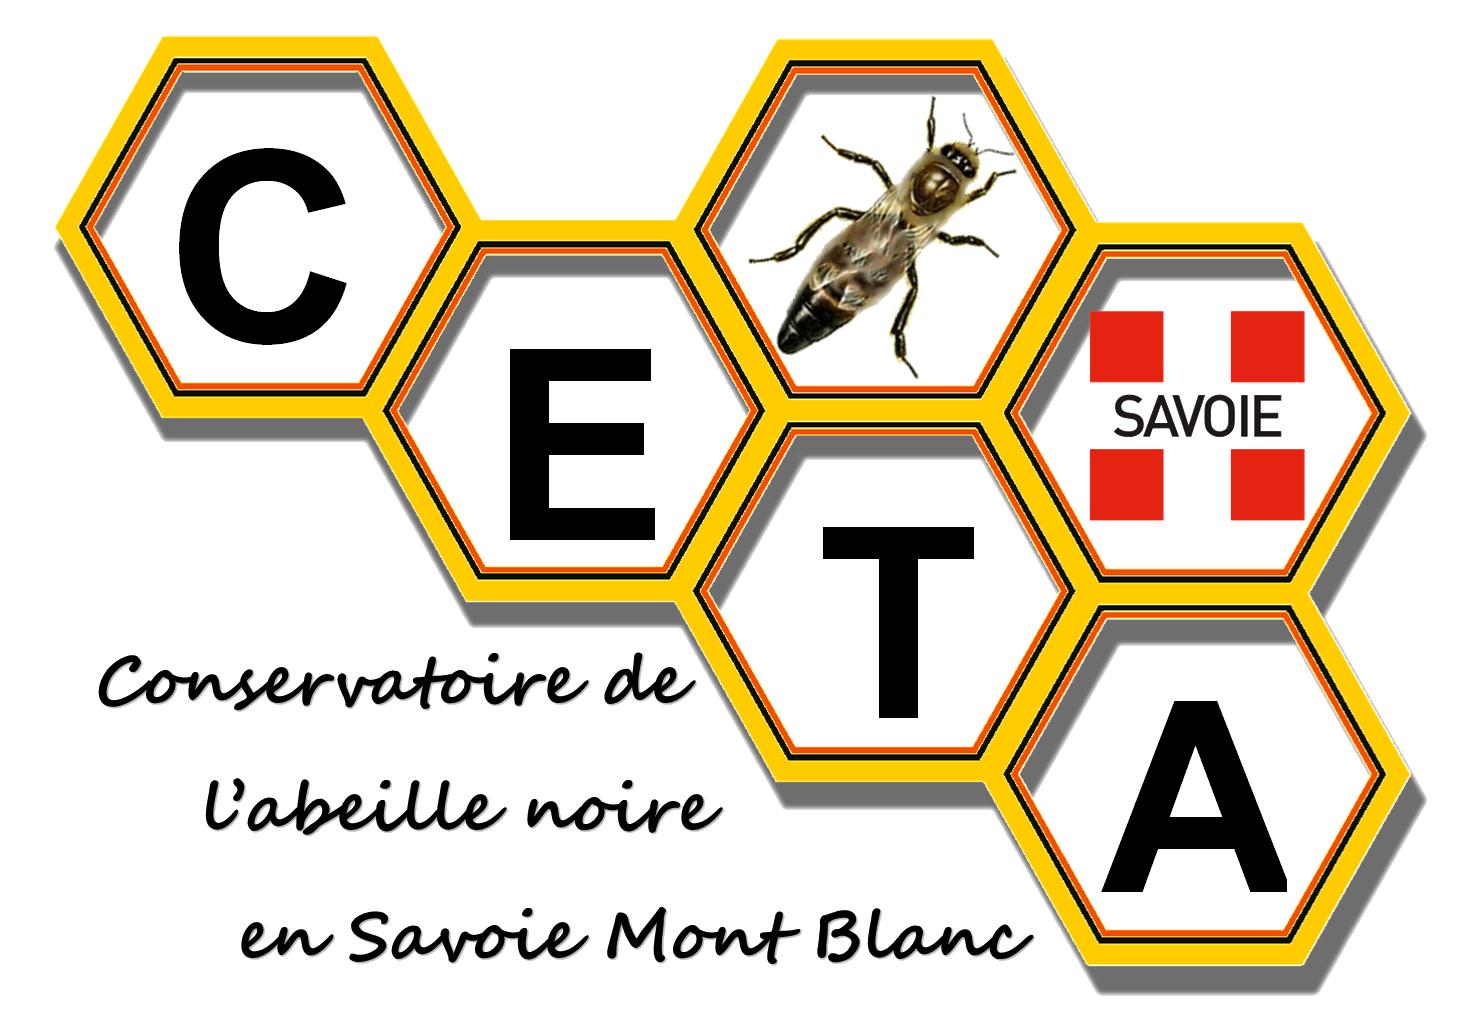 logo Conservatoire de l'abeille noire de Savoie Mont Blanc